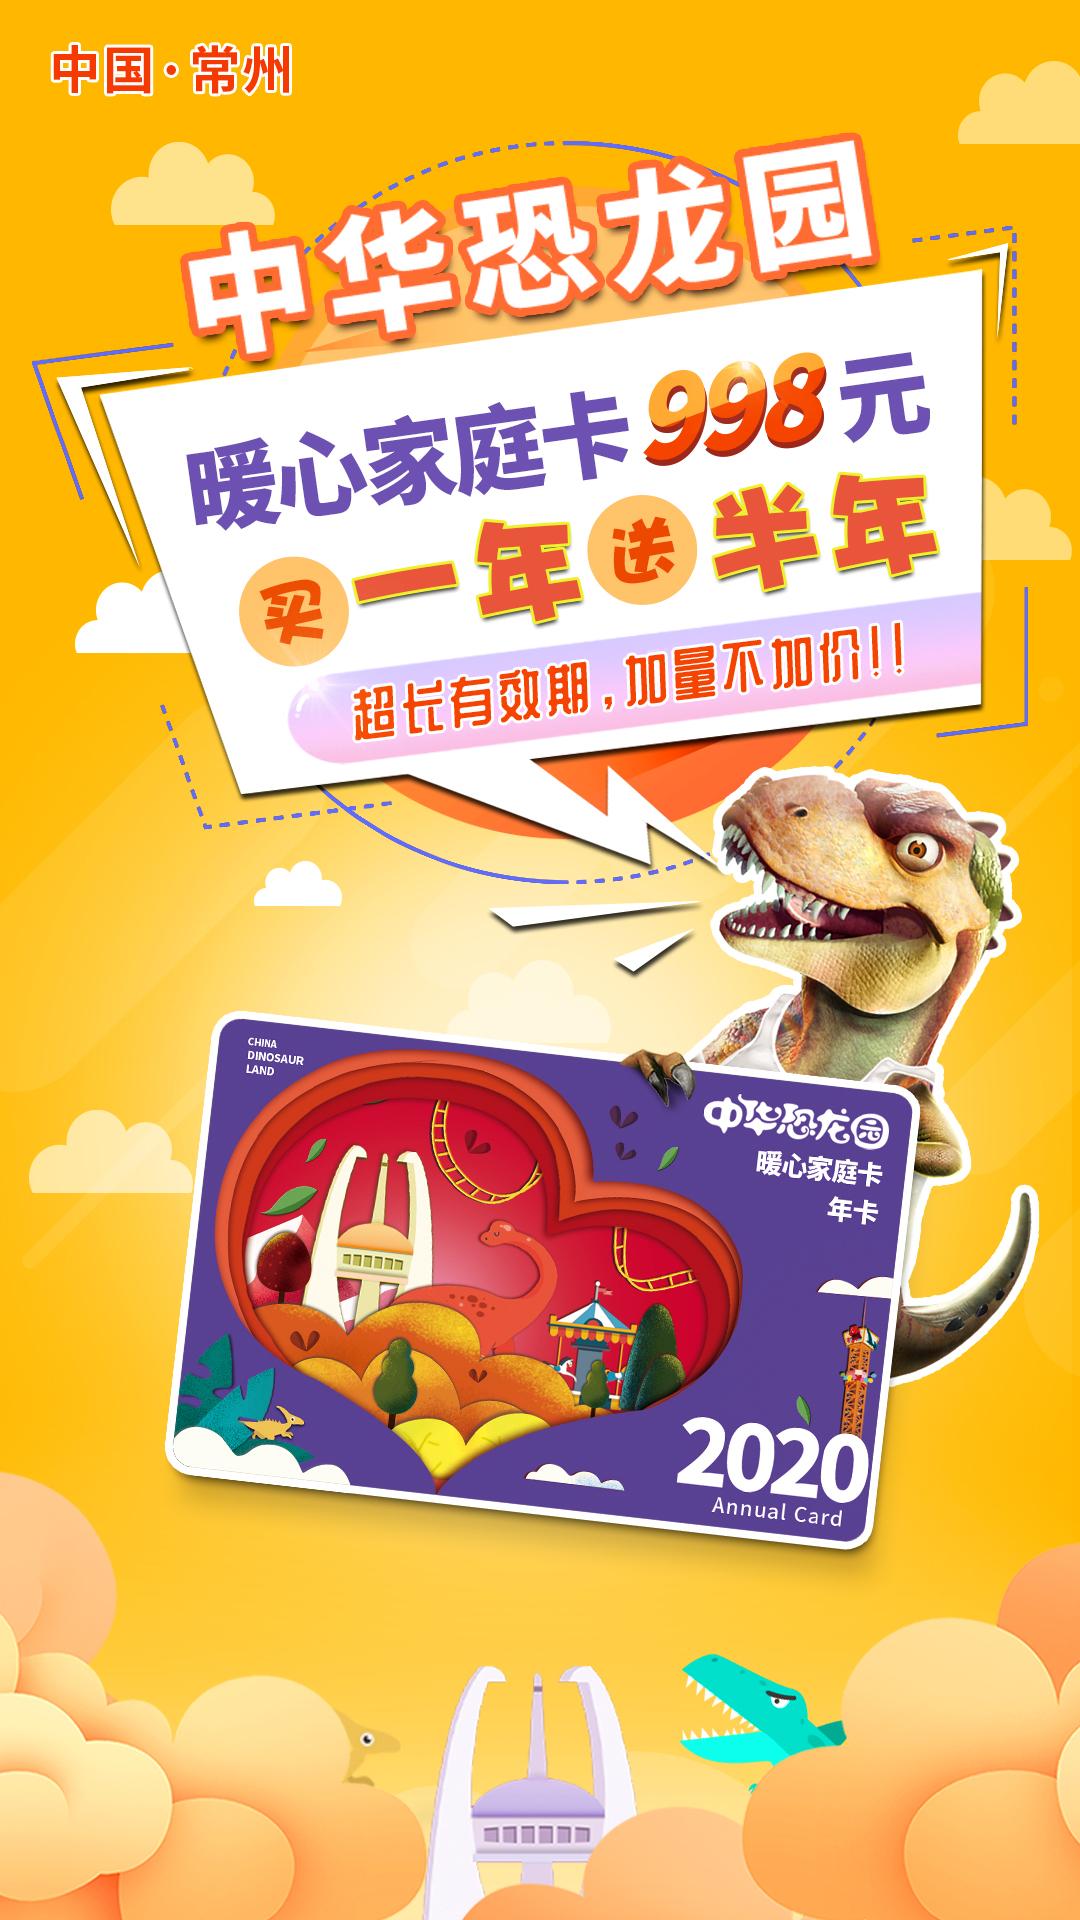 中华恐龙园超级神卡【998暖心家庭卡】短暂回归!超长待机,超值优惠,超级棒!